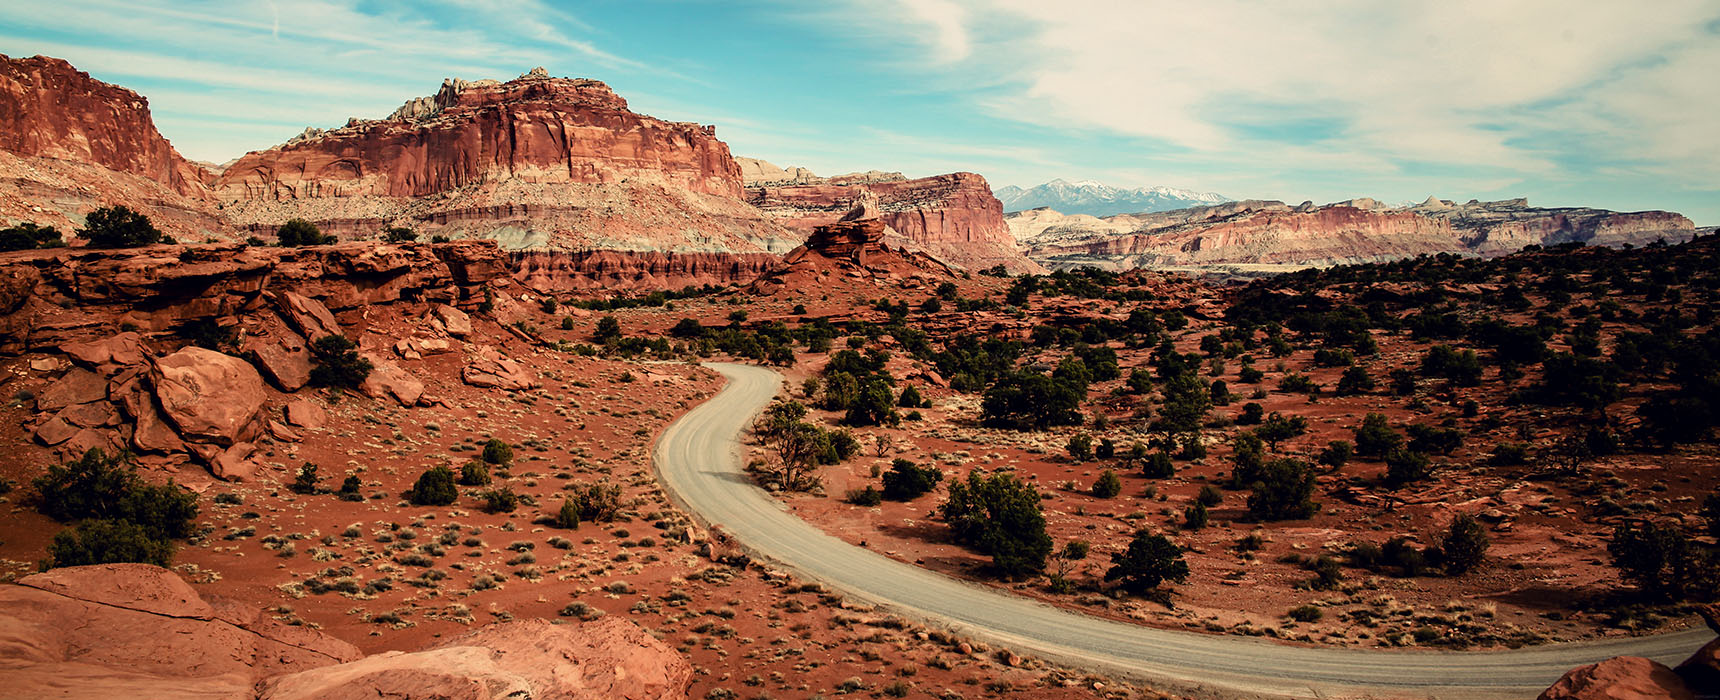 Capitol Reef National Park Utah USA Road trip Fruita Scenic Drive